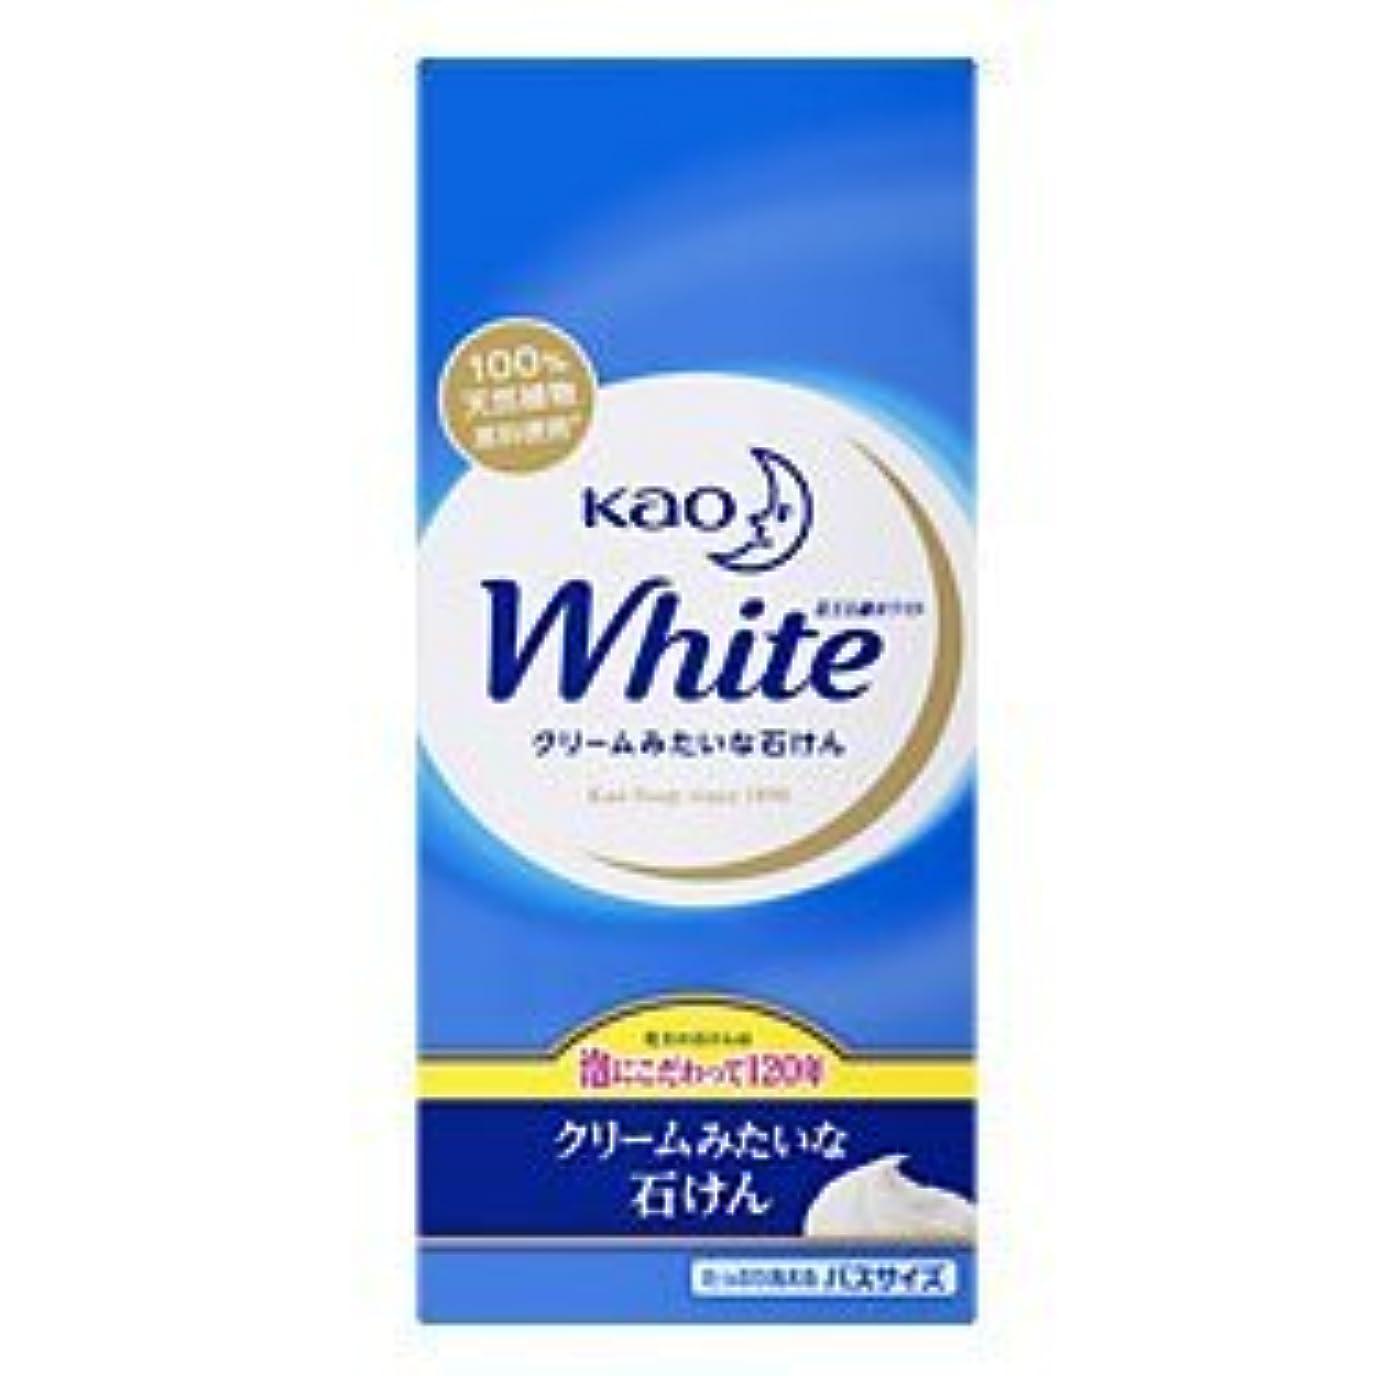 ちょっと待ってヒューズ実施する【花王】花王ホワイト バスサイズ 130g×6個 ×5個セット